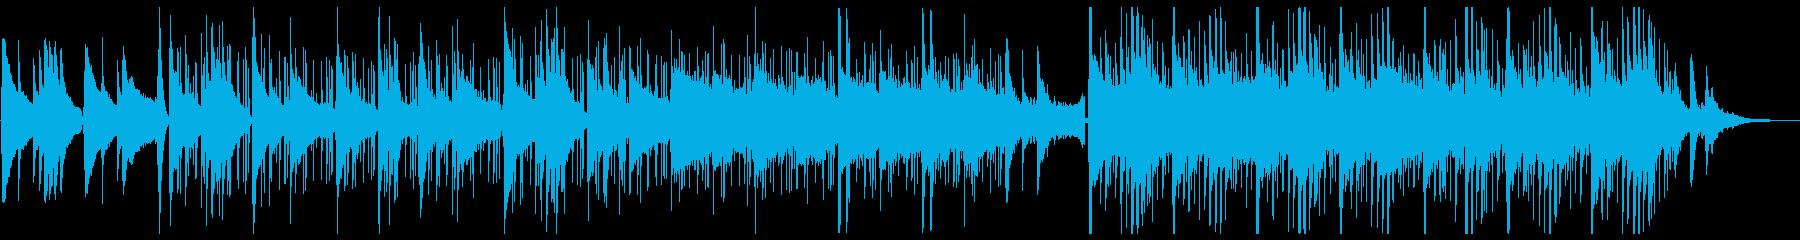 PV】憂鬱、悩み、陰鬱なピアノBGMの再生済みの波形